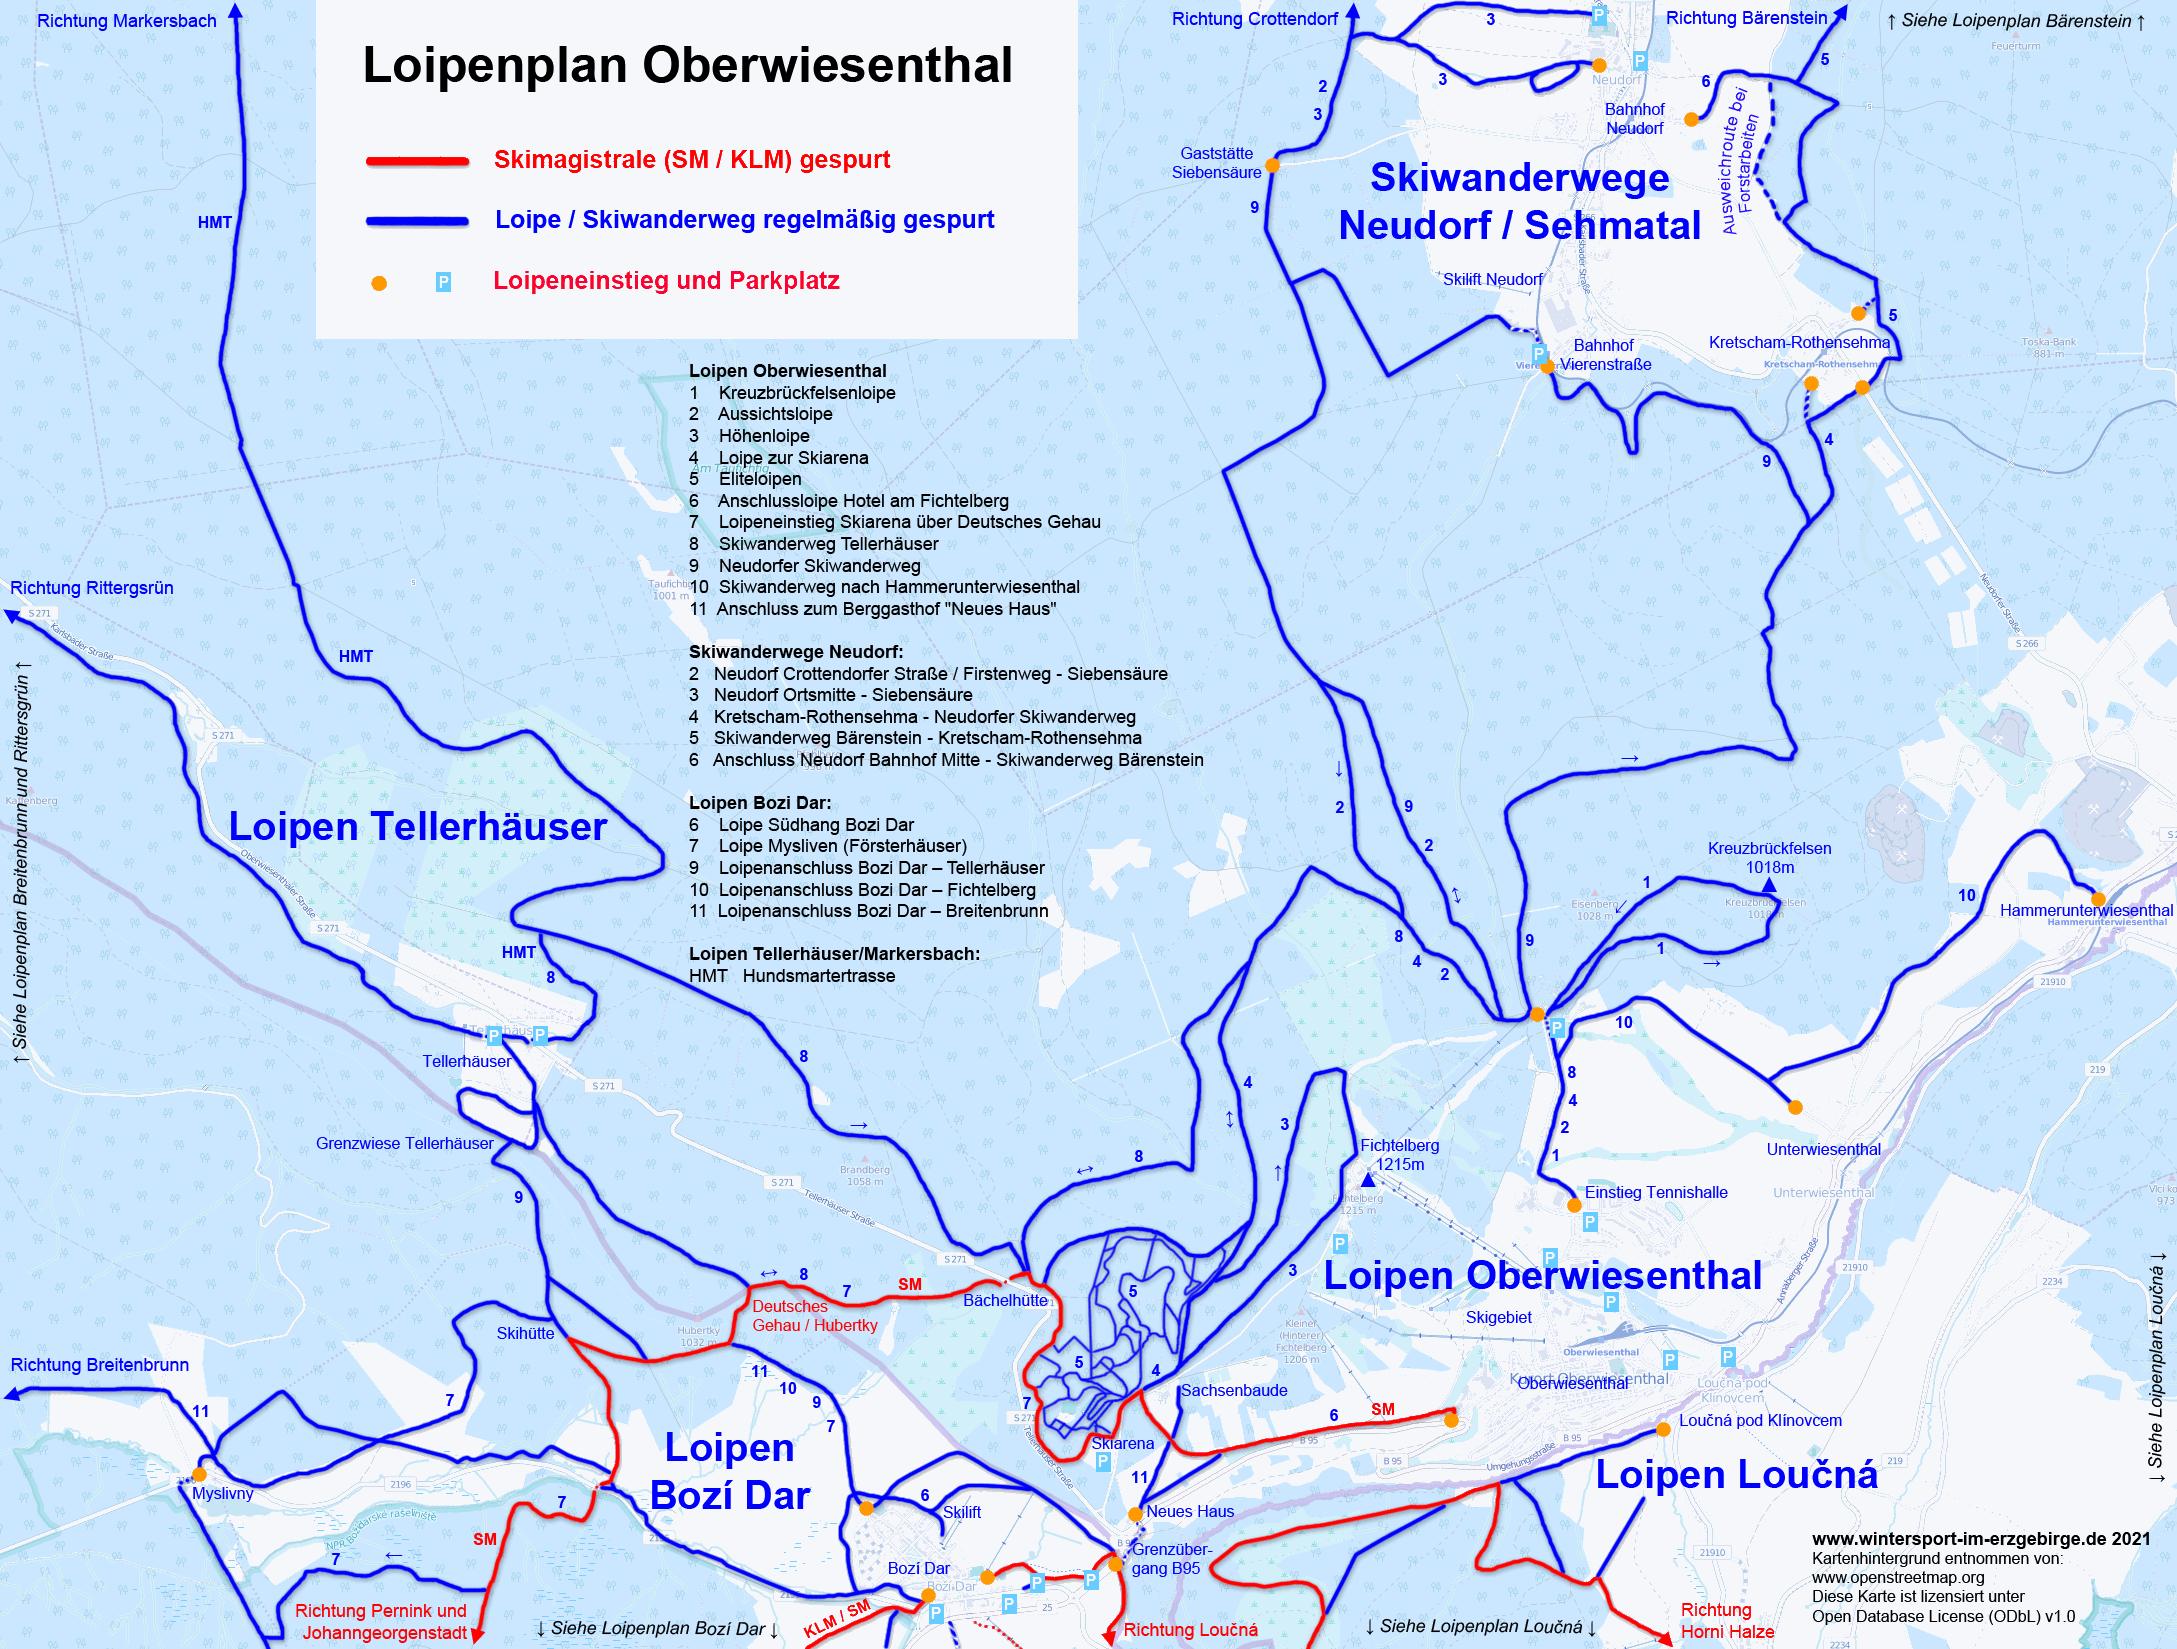 Loipenplan Oberwiesenthal